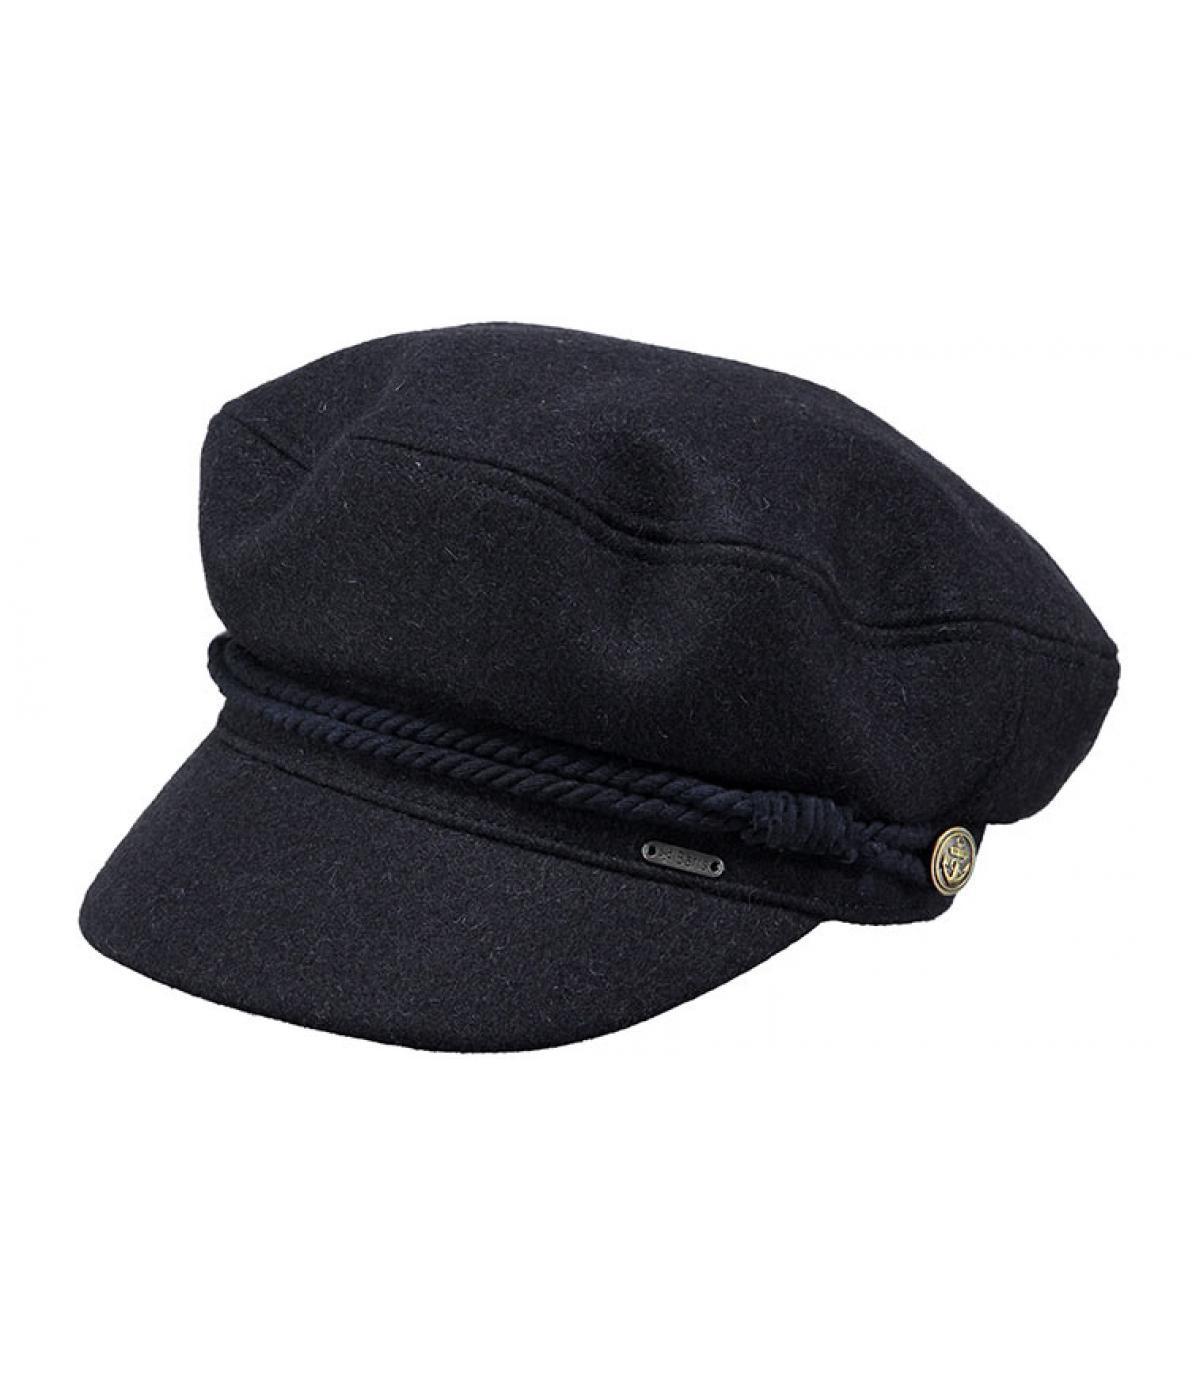 1a505a3e5c9 Barts blue nautical cap - Skipper Cap navy by Barts. Headict